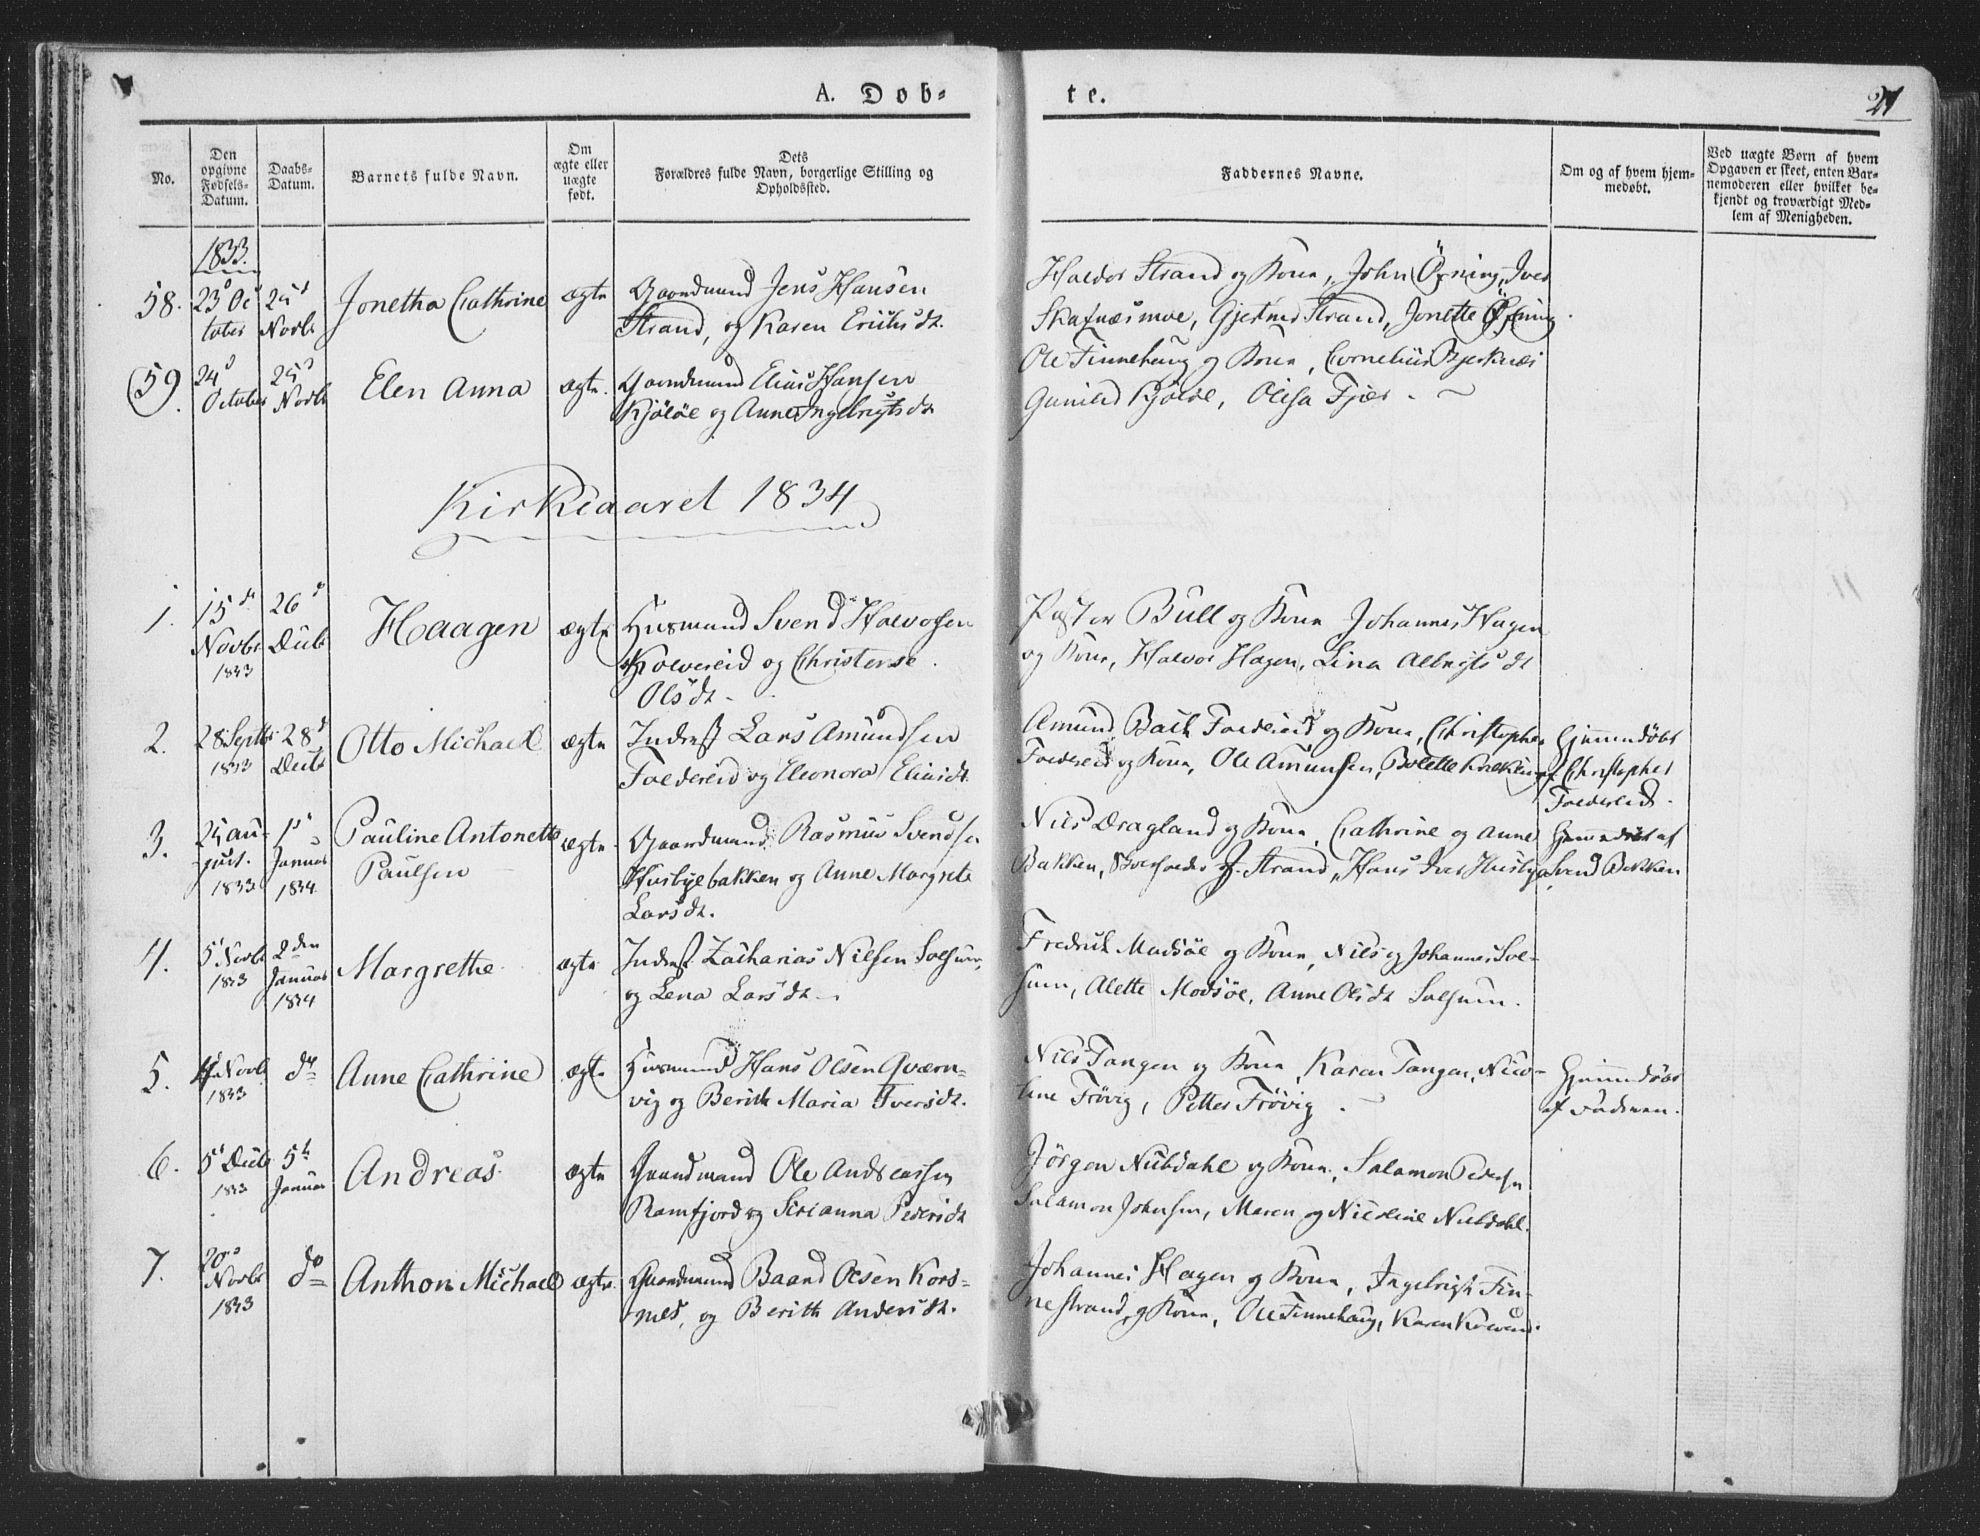 SAT, Ministerialprotokoller, klokkerbøker og fødselsregistre - Nord-Trøndelag, 780/L0639: Ministerialbok nr. 780A04, 1830-1844, s. 21